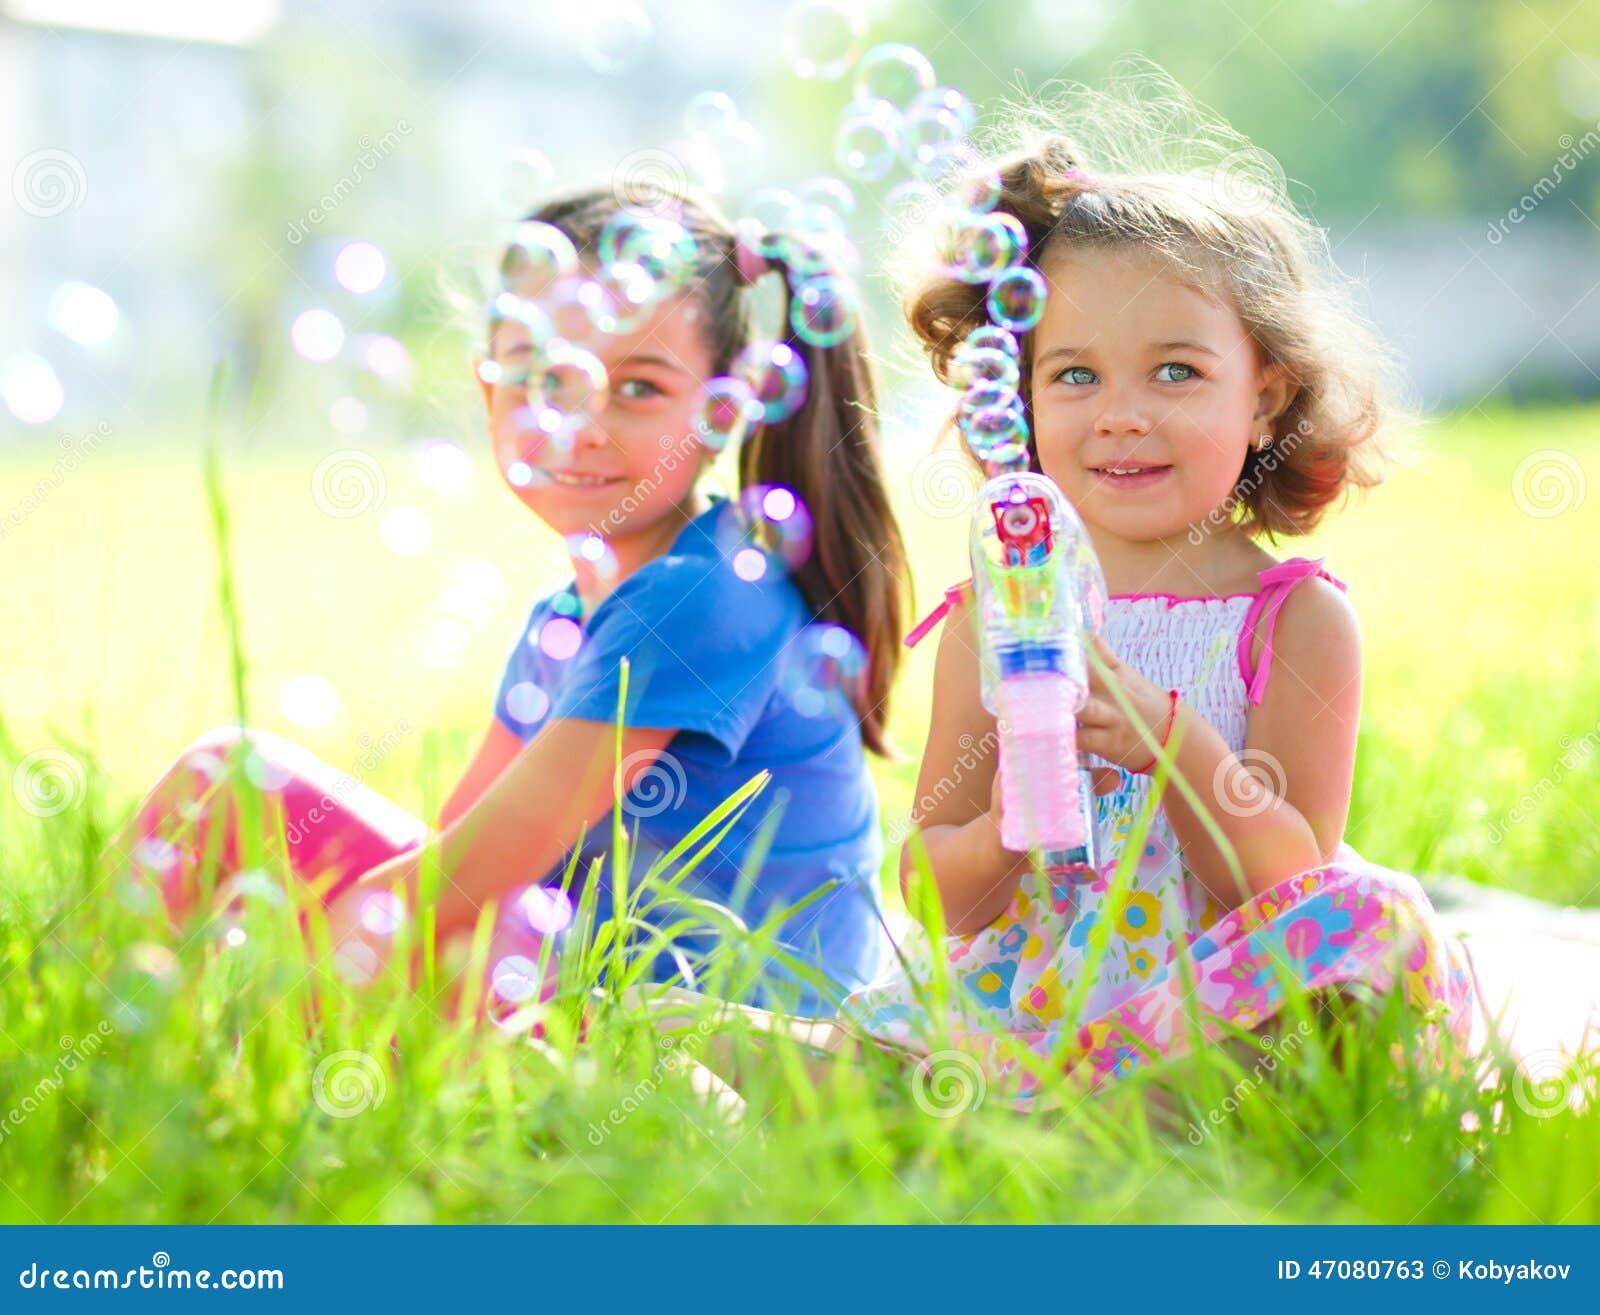 两个小女孩吹肥皂泡